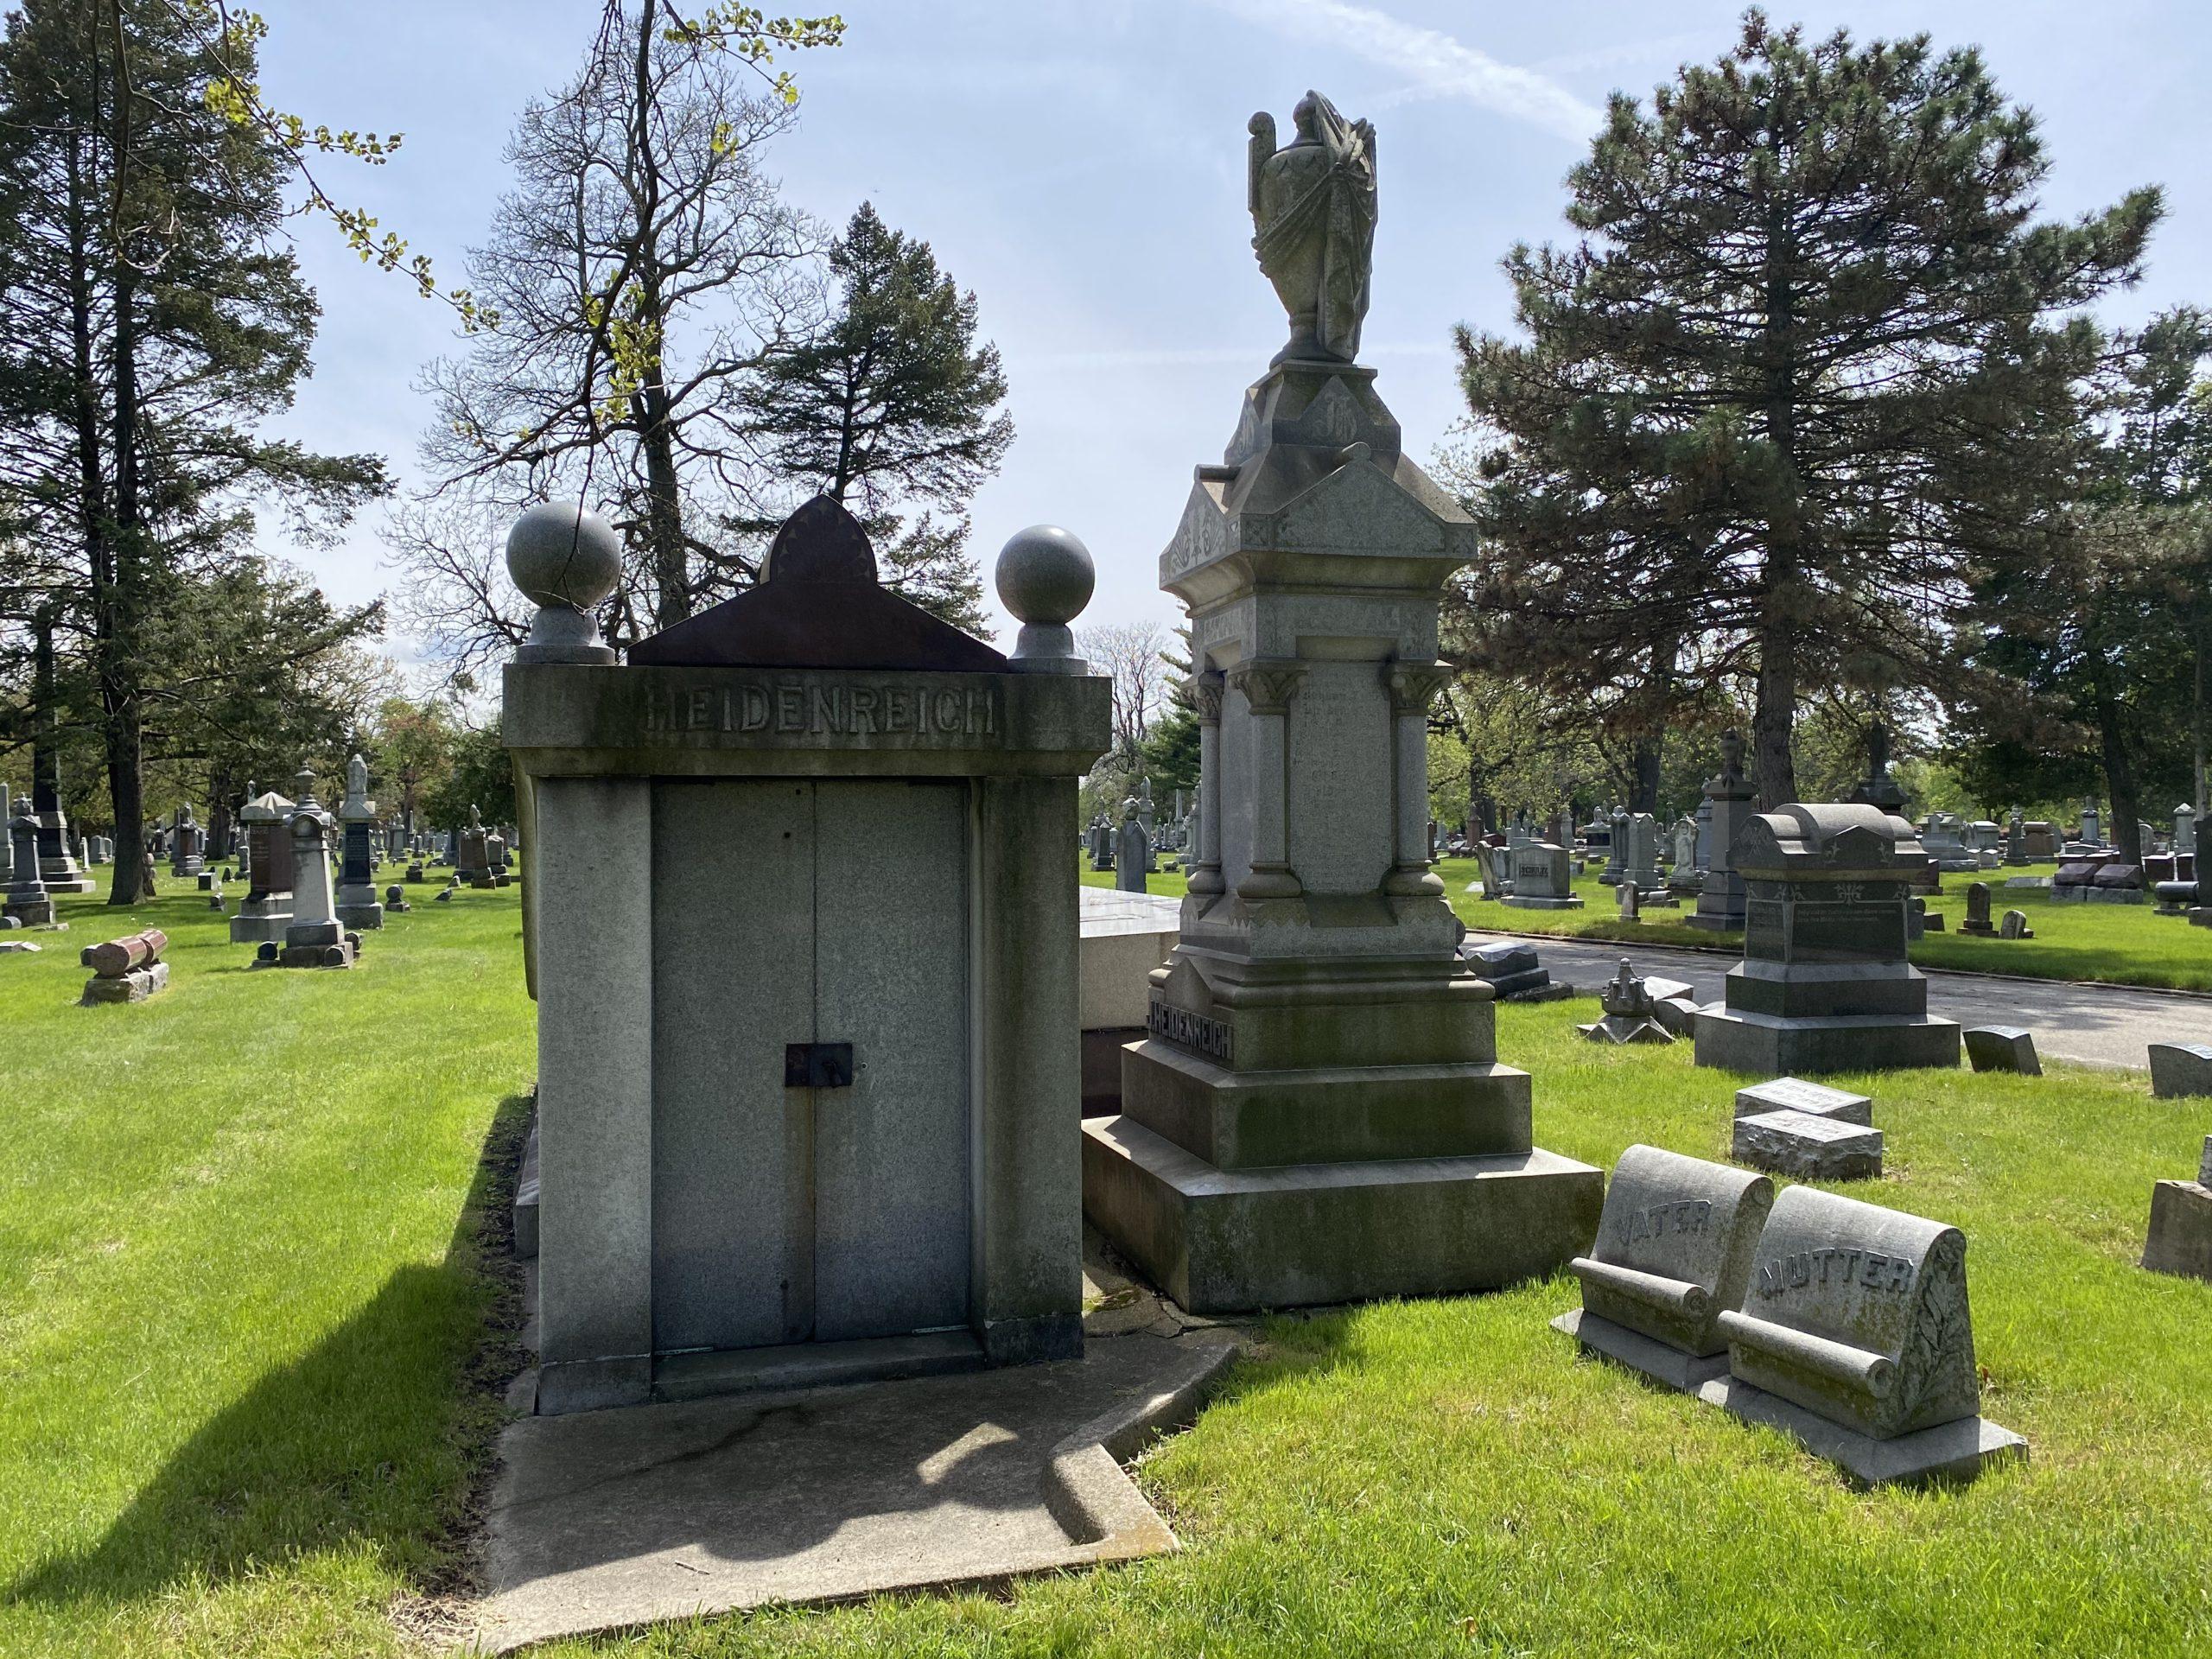 Heidenreich Mausoleum